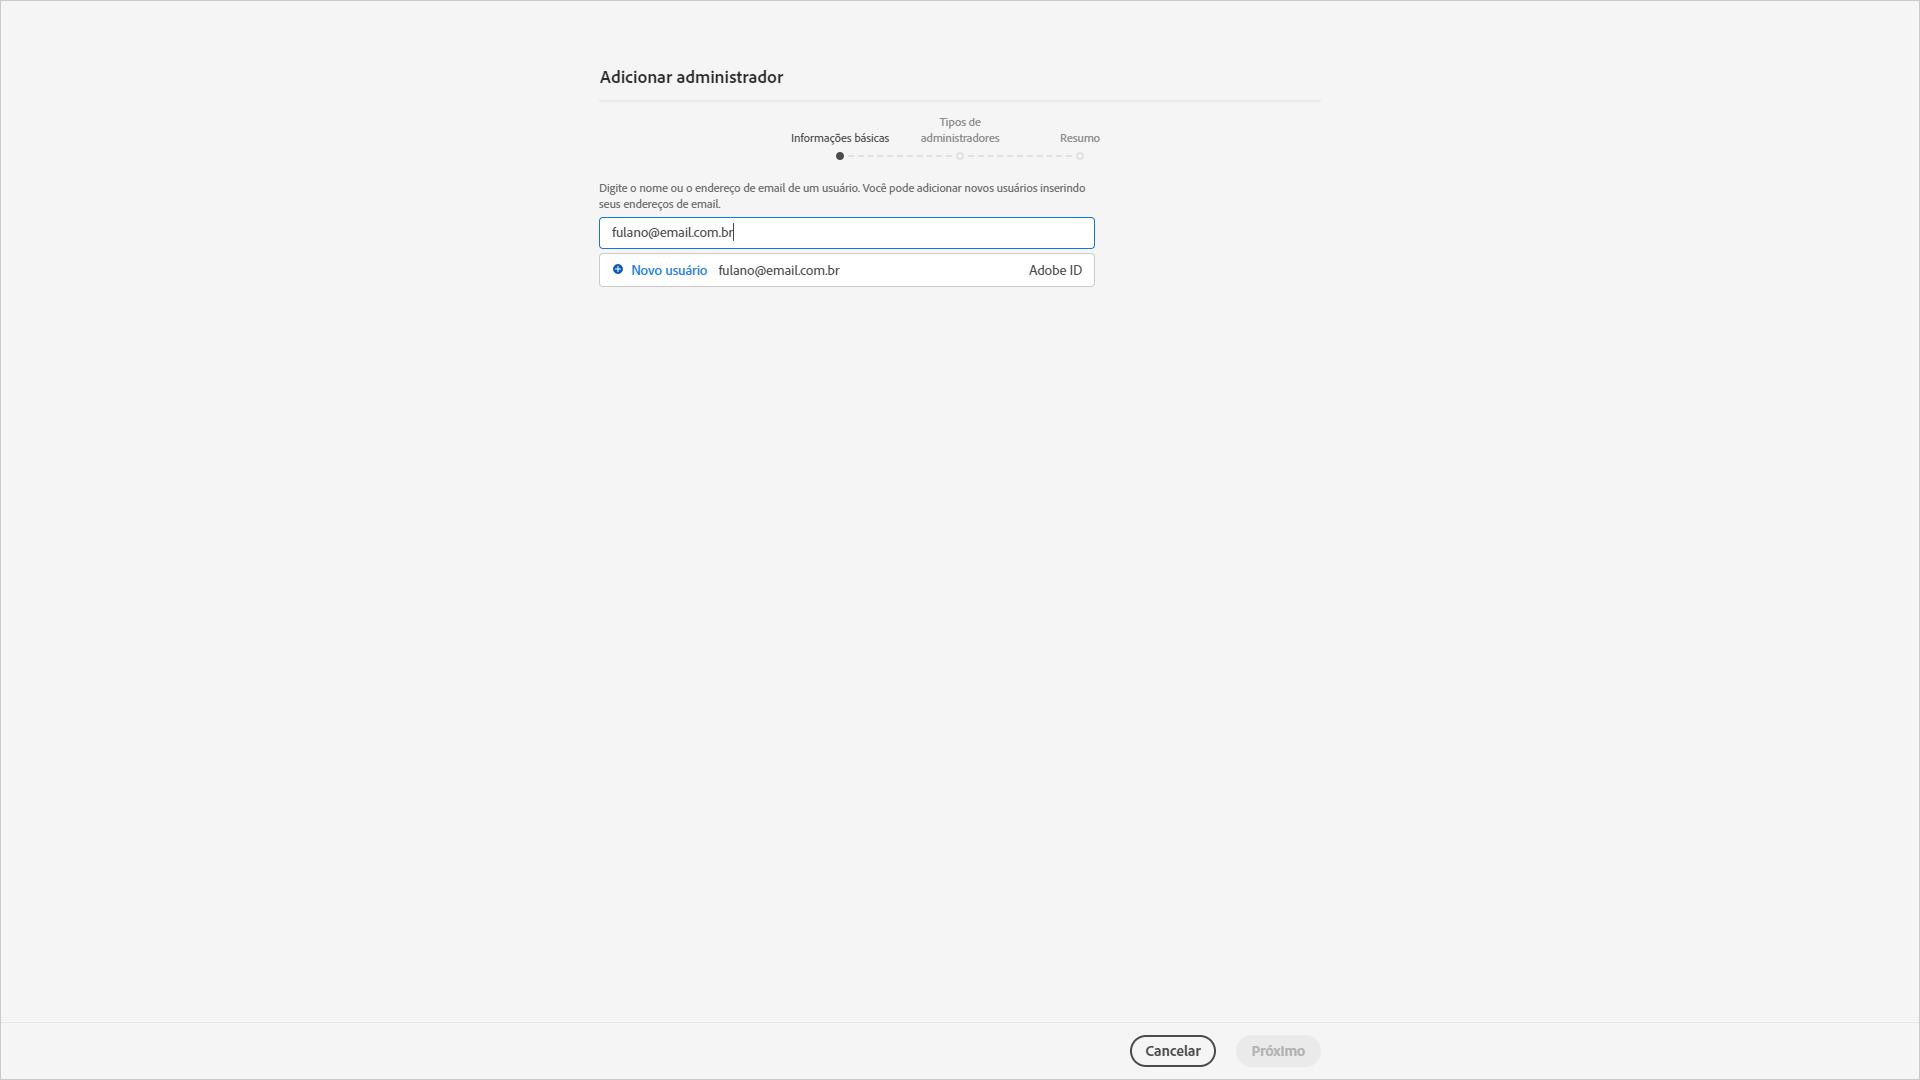 adicionar-um-administrador-etapa-1-adobe-admin-eng